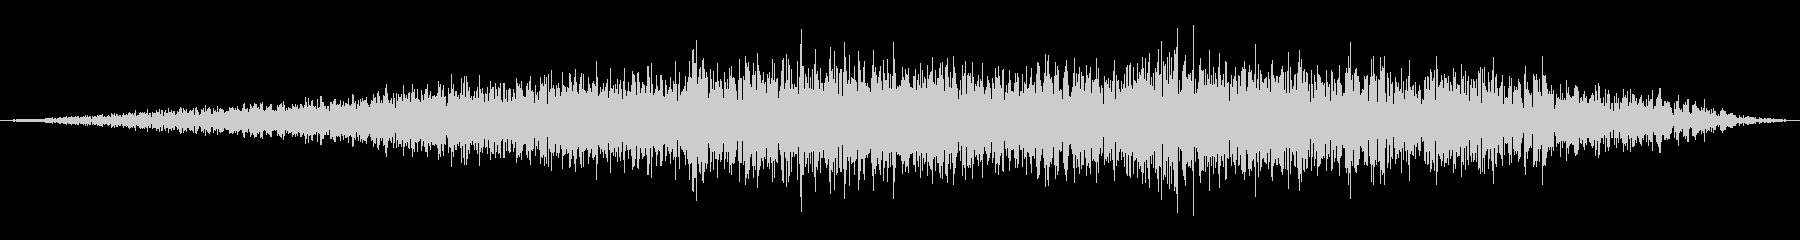 ギューン(能力値ダウン/詠唱/下降)の未再生の波形